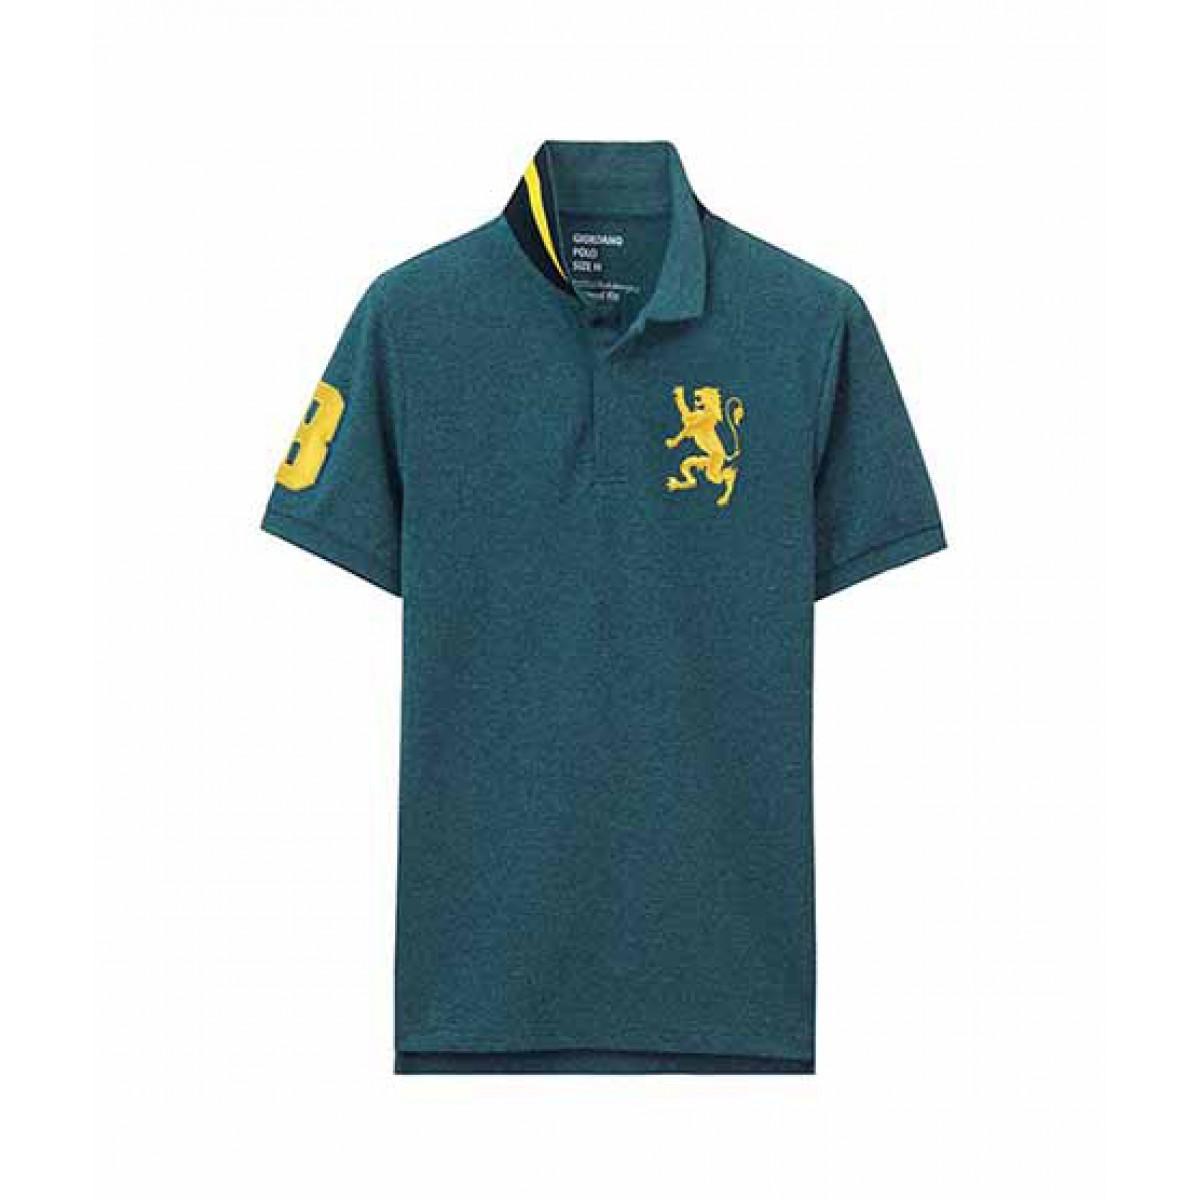 Giordano Polo Shirt Logos